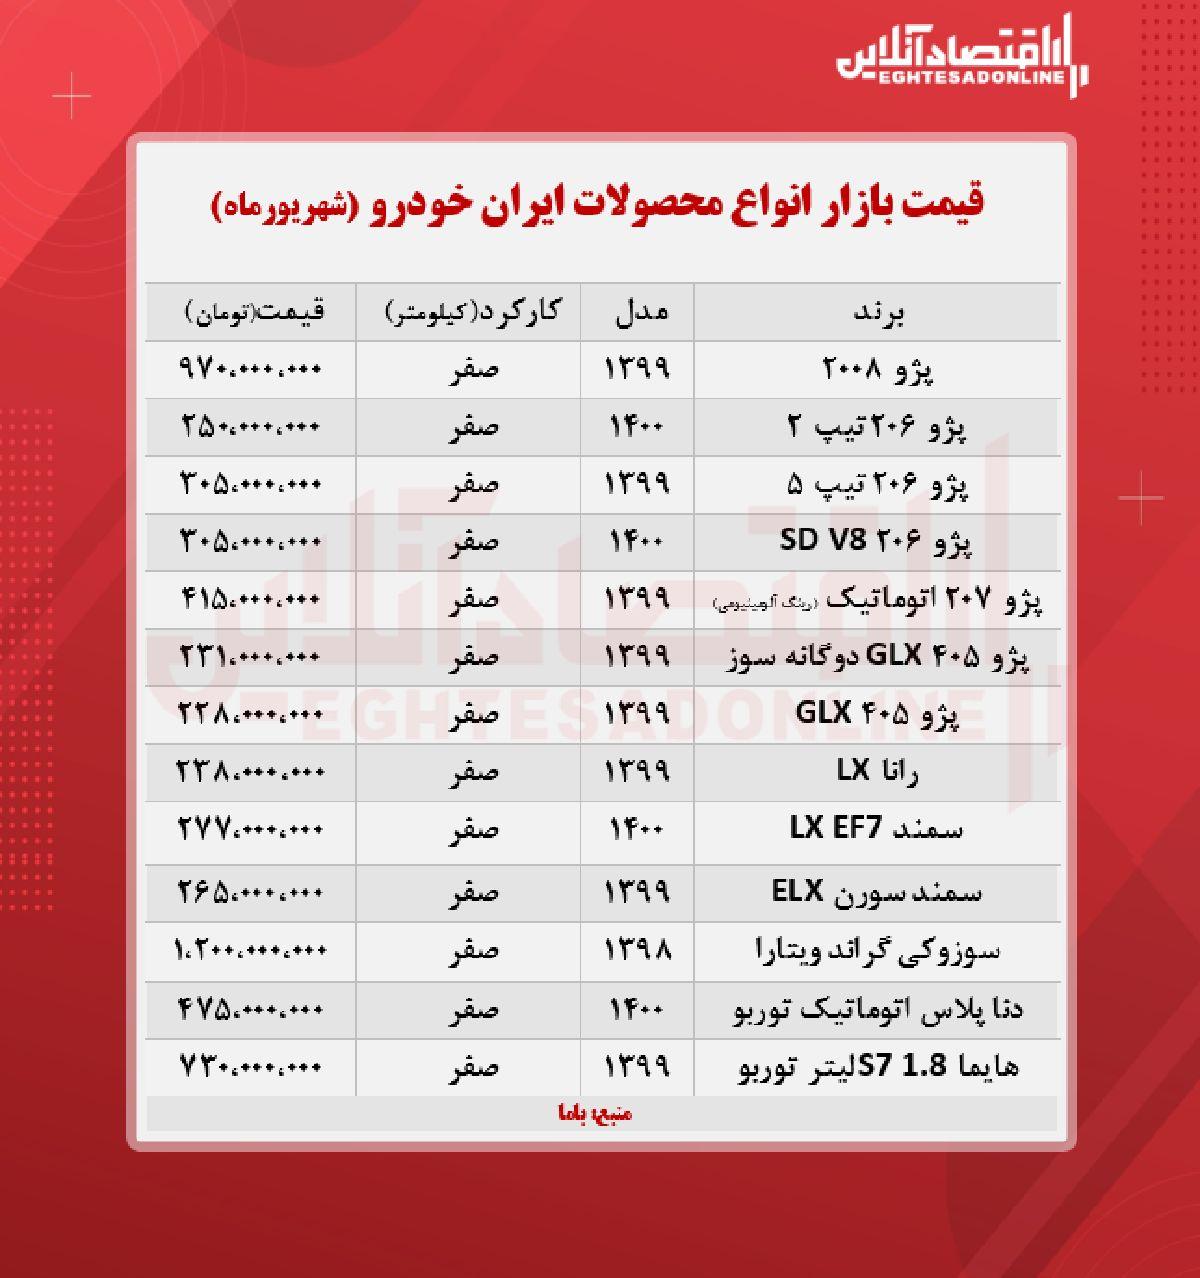 قیمت محصولات ایران خودرو امروز ۱۴۰۰/۶/۱